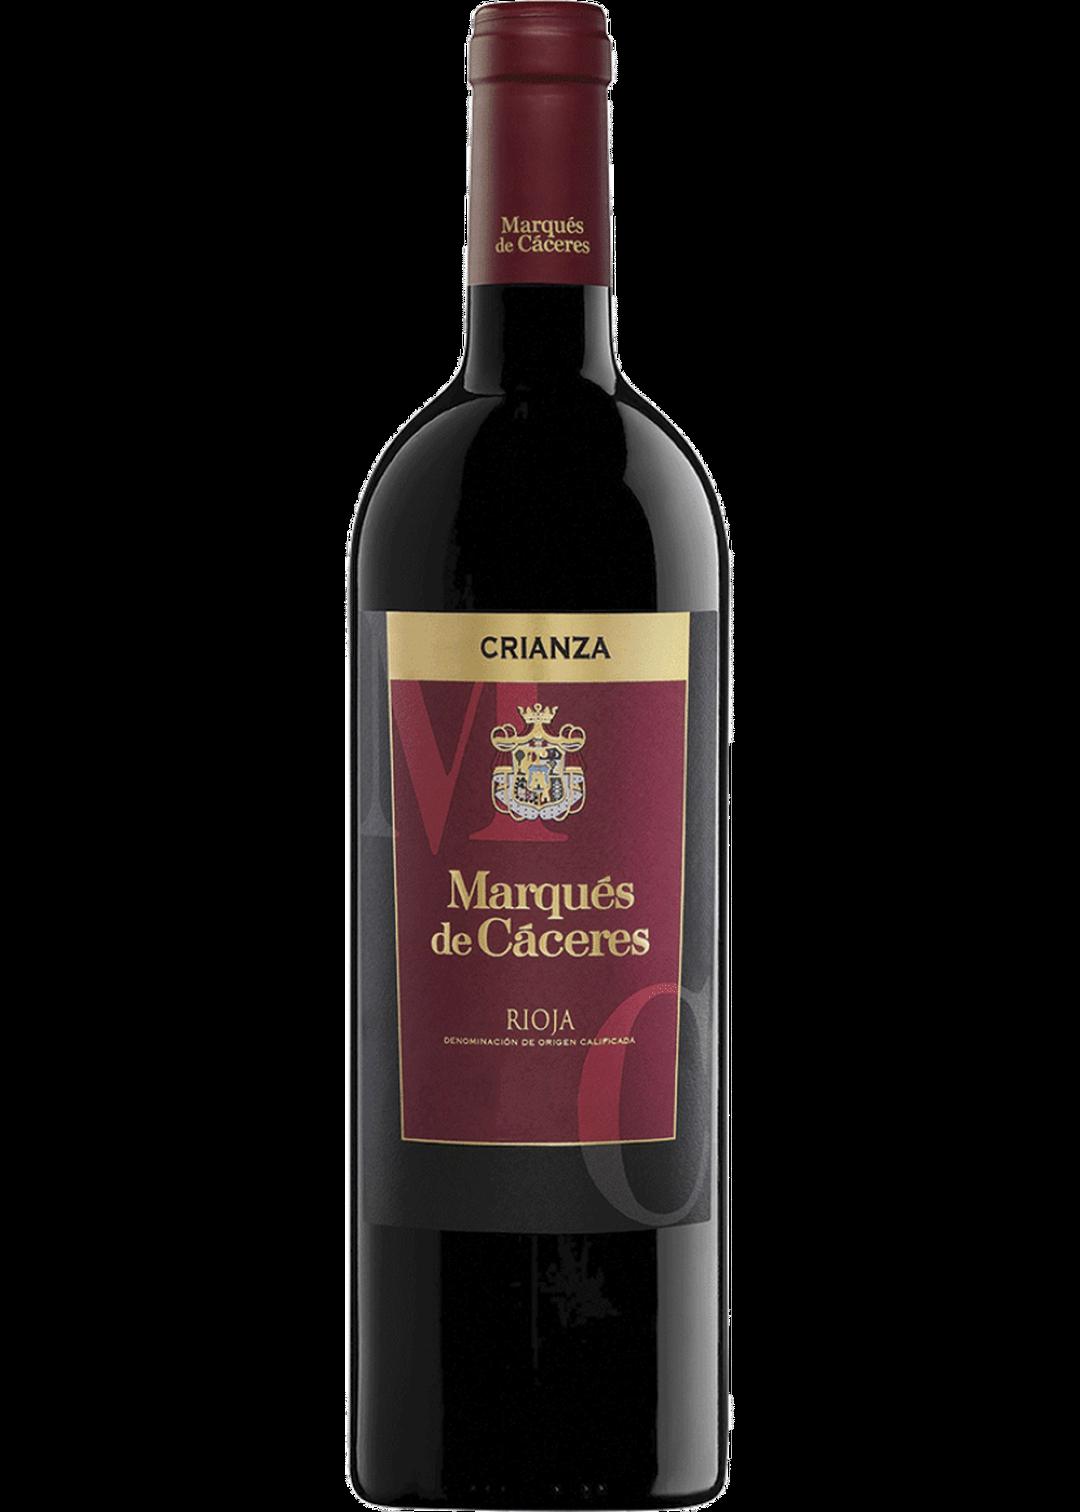 2015 Marques de Caceres Rioja Crianza